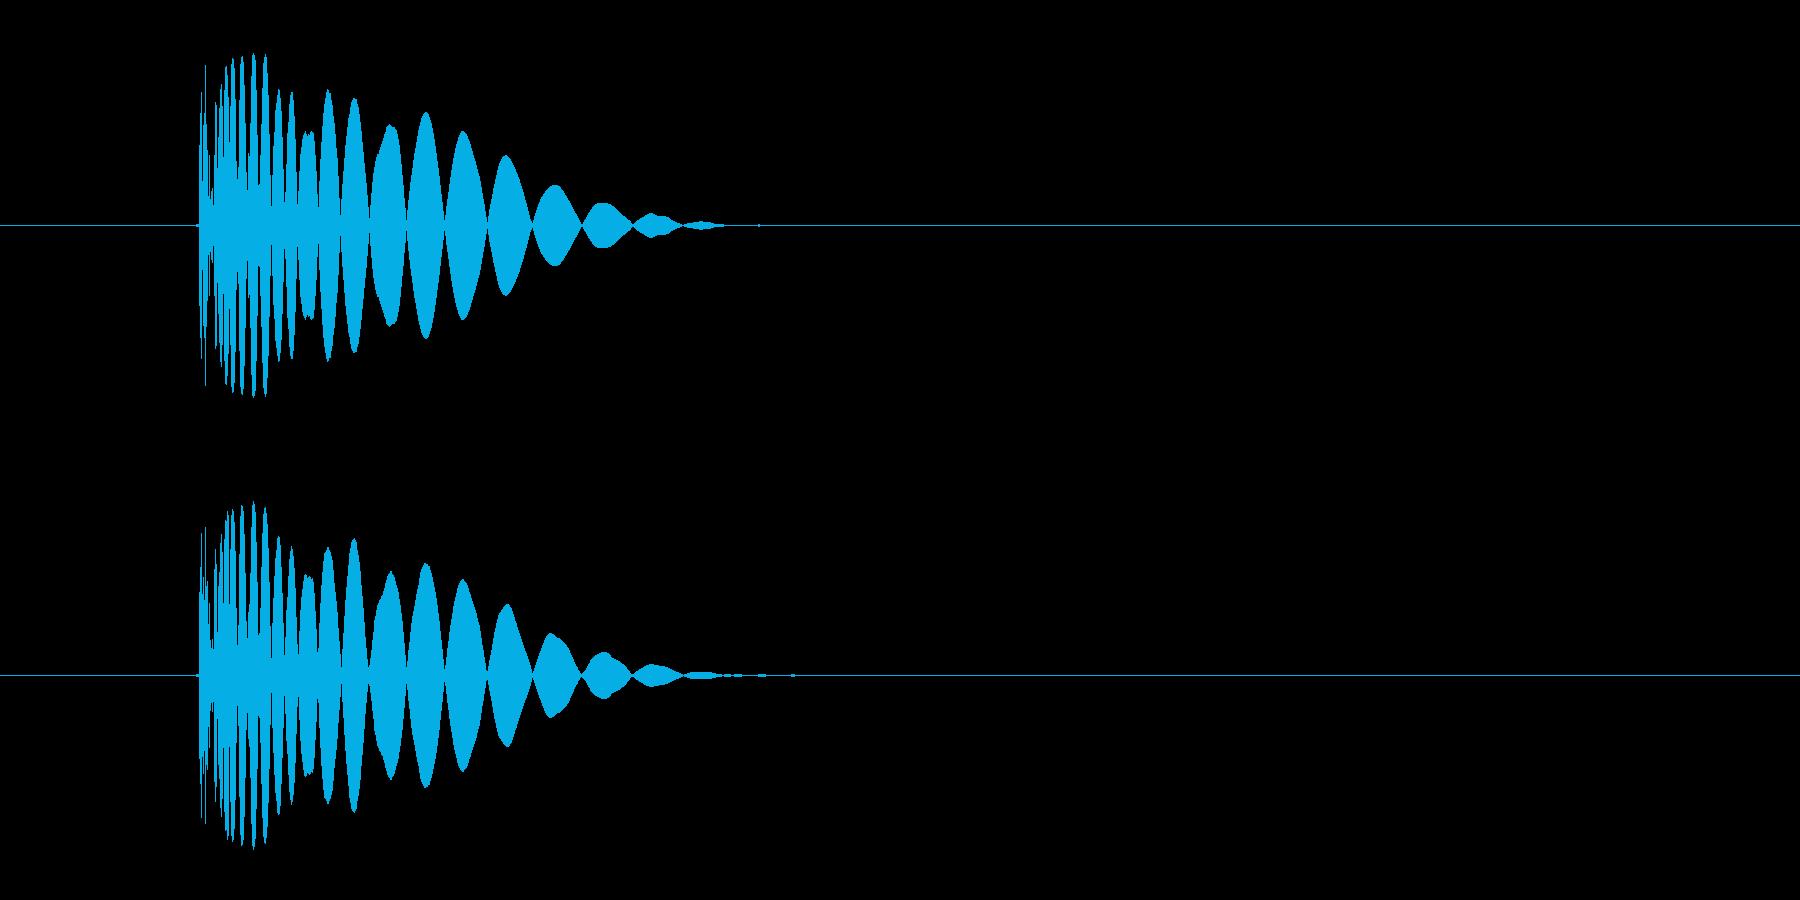 ヒット音(殴る 打撃のインパクト音)の再生済みの波形